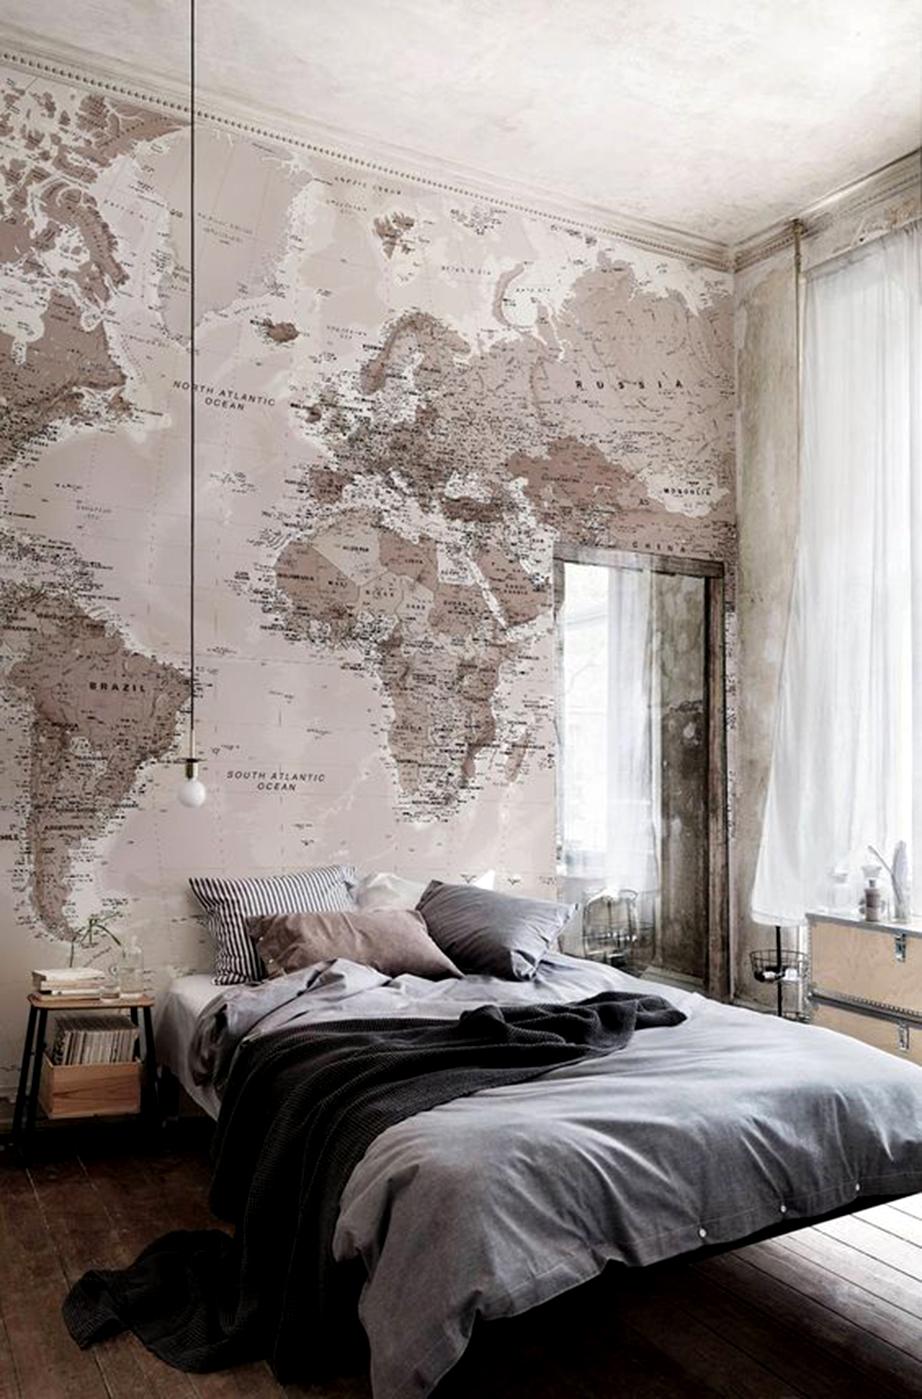 Μια εντυπωσιακή προσέγγιση είναι η επένδυση ολόκληρης της επιφάνειας του τοίχου με ταπετσαρία που θα απεικονίζει τον παγκόσμιο πολιτικό χάρτη.